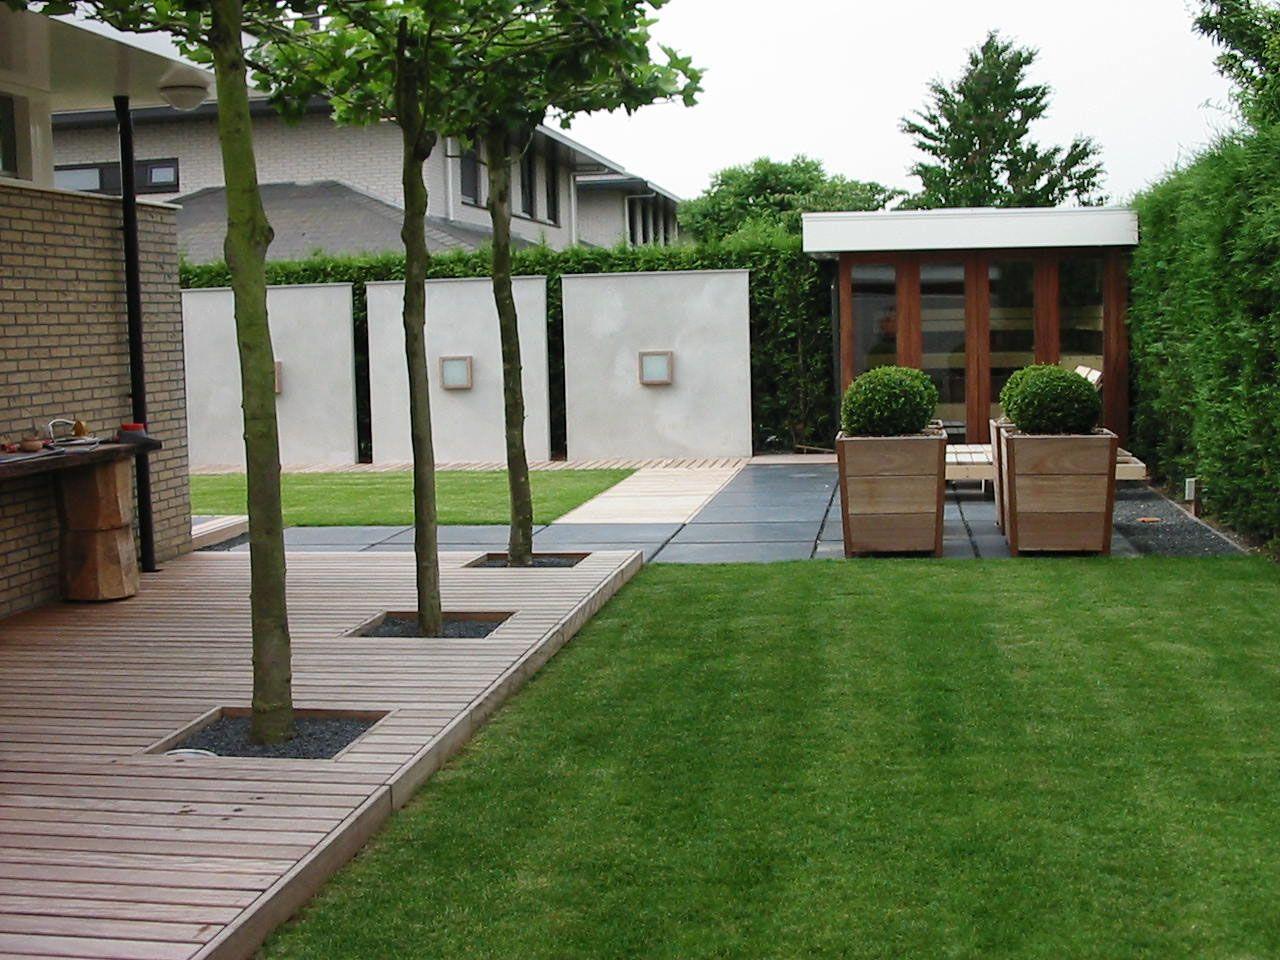 Rustige minimalistische tuin welke door de materiaalkeuzes warm aanvoelt en ergens klassiek aan for Tuin modern design